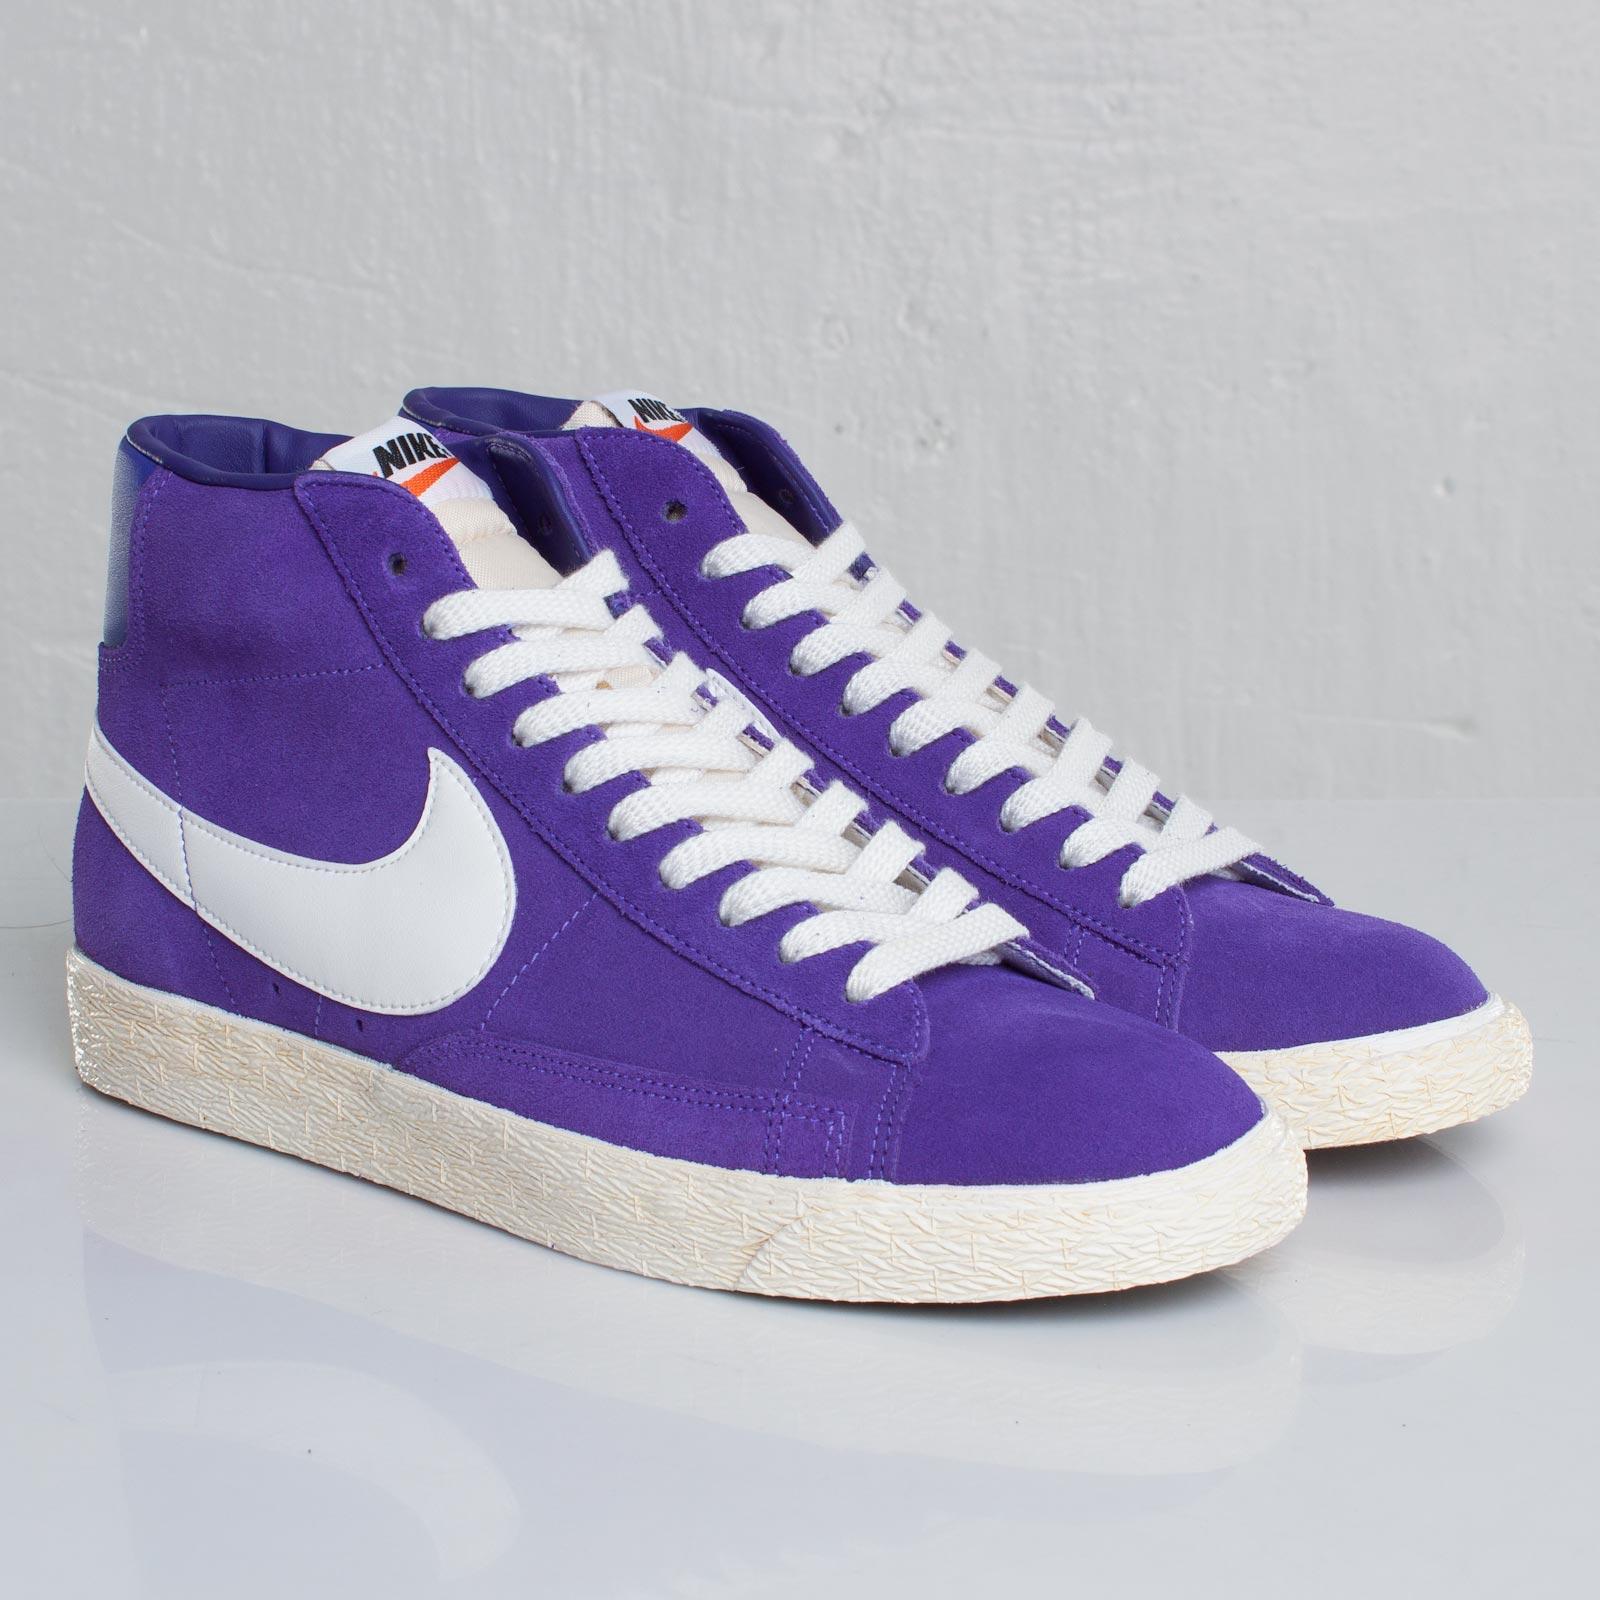 buy online a28db 02749 Nike Blazer Hi Suede Vintage - 110346 - Sneakersnstuff ...